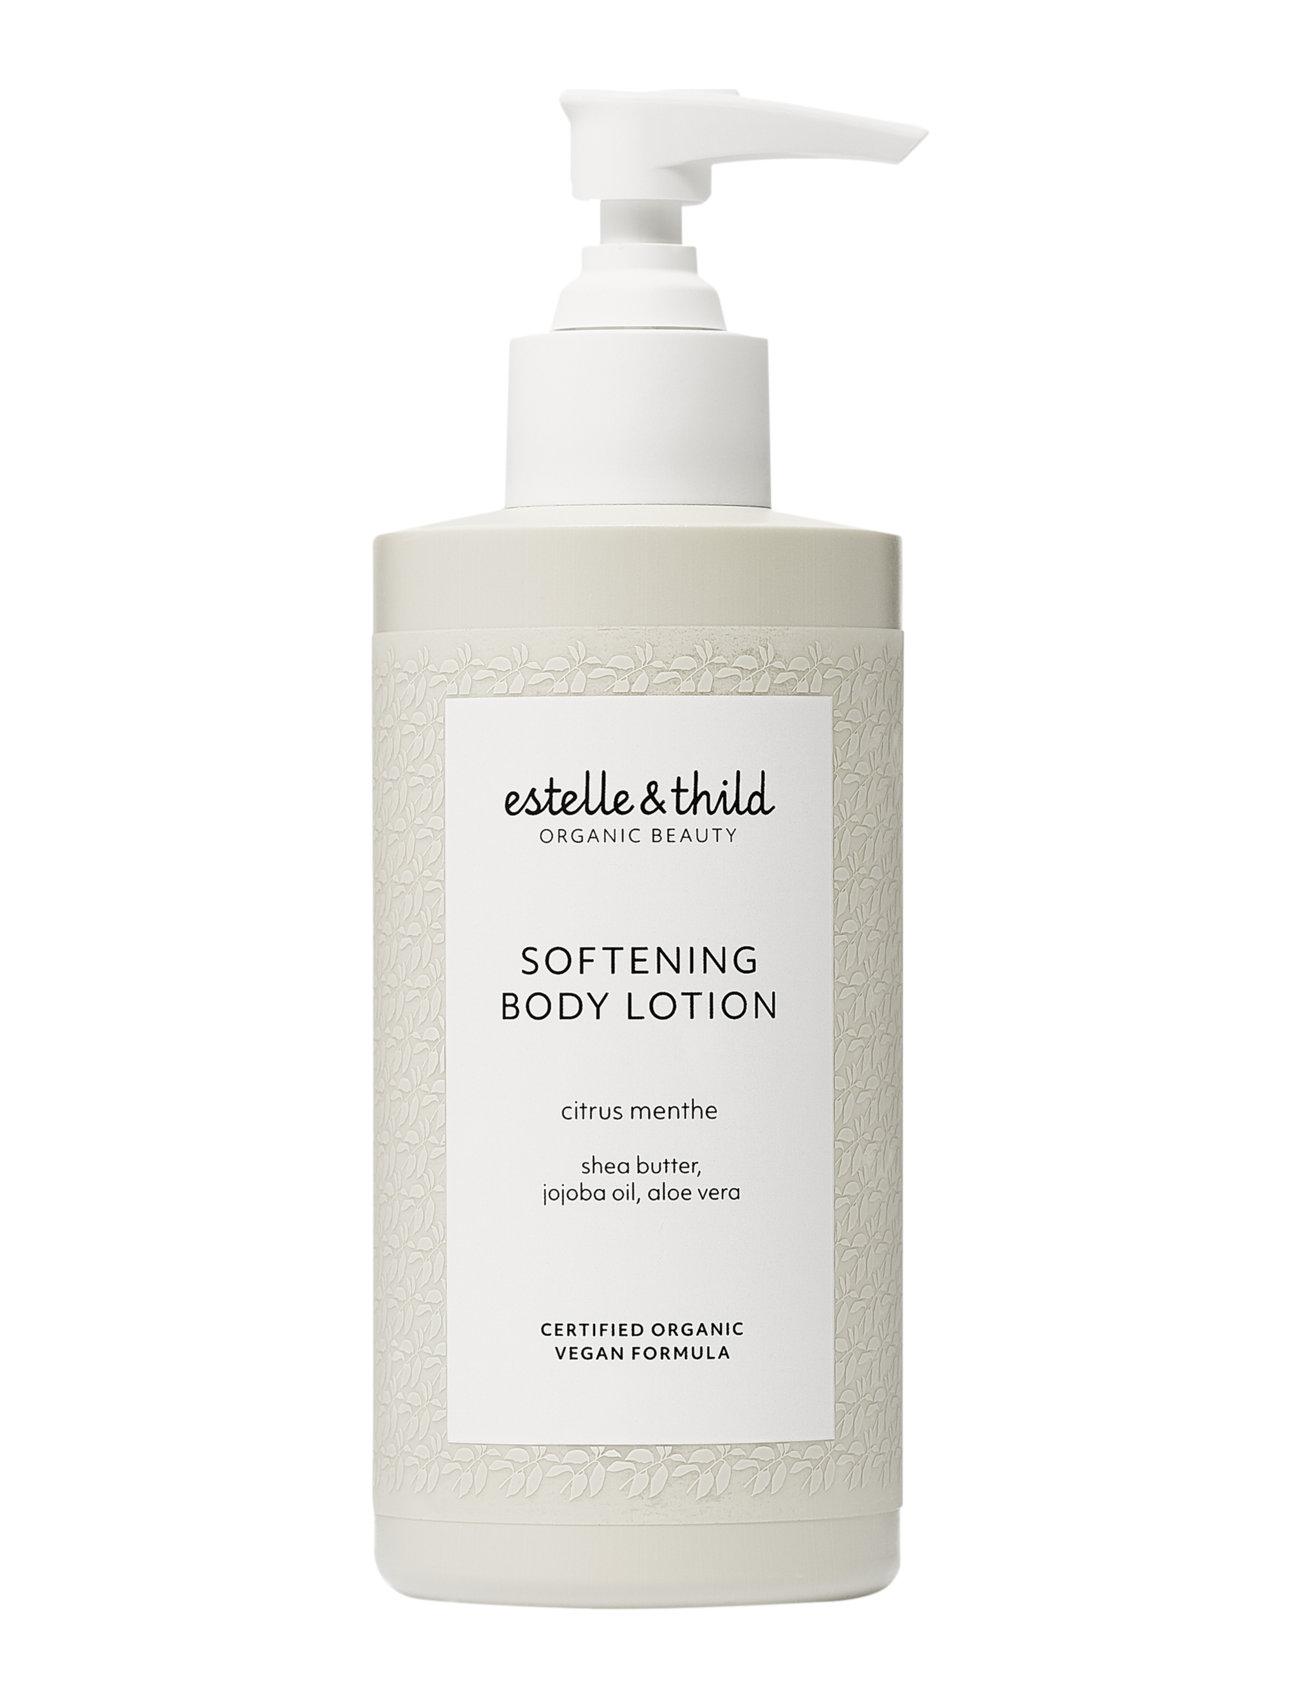 Estelle & Thild Citrus Menthe Softening Body Lotion - NO COLOUR